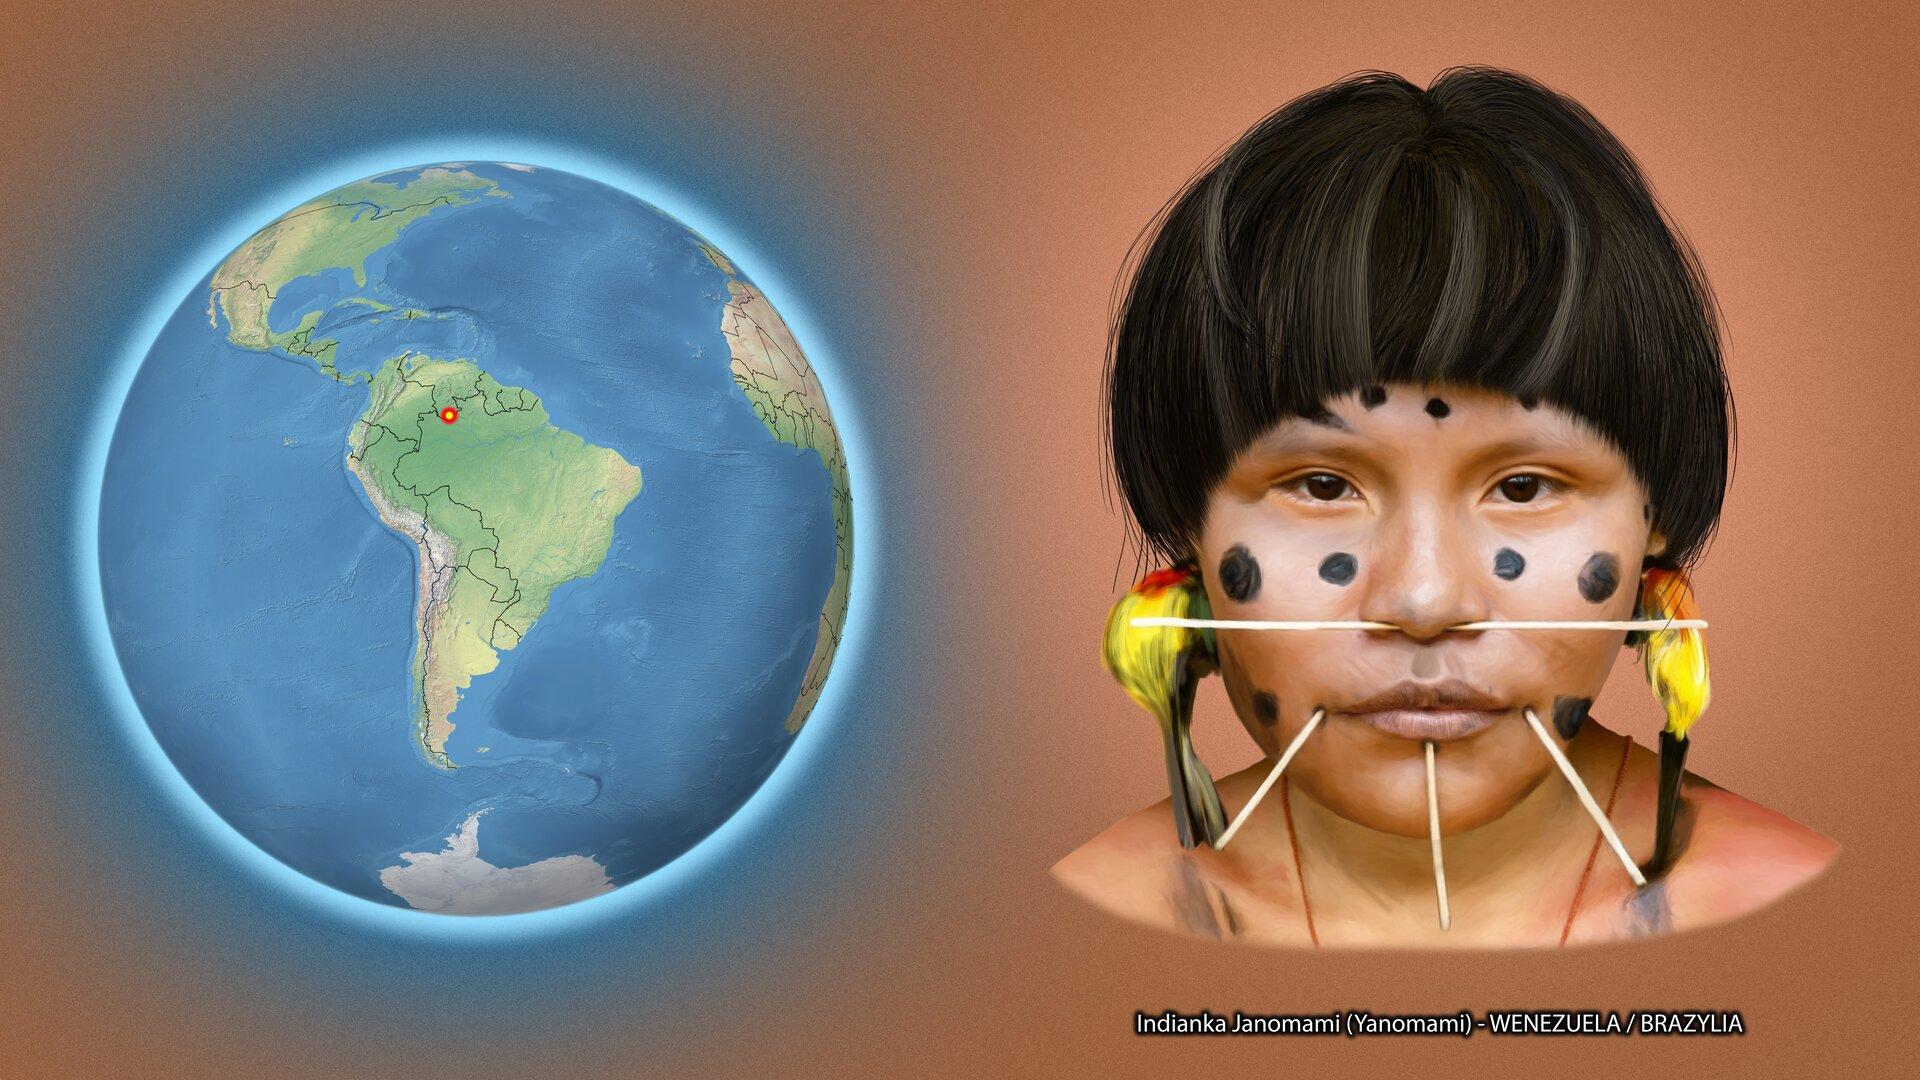 Na ilustracji kula ziemska zzaznaczonym czerwonym punktem na granicy Wenezueli iBrazylii. Obok twarz kobiety, krótkie ciemne włosy, na twarzy czarne kropki, nos ibroda przebite patyczkami, wuszach ozdoby zpiór. Podpis – Indianka Janomoami – Wenezuela/Brazylia